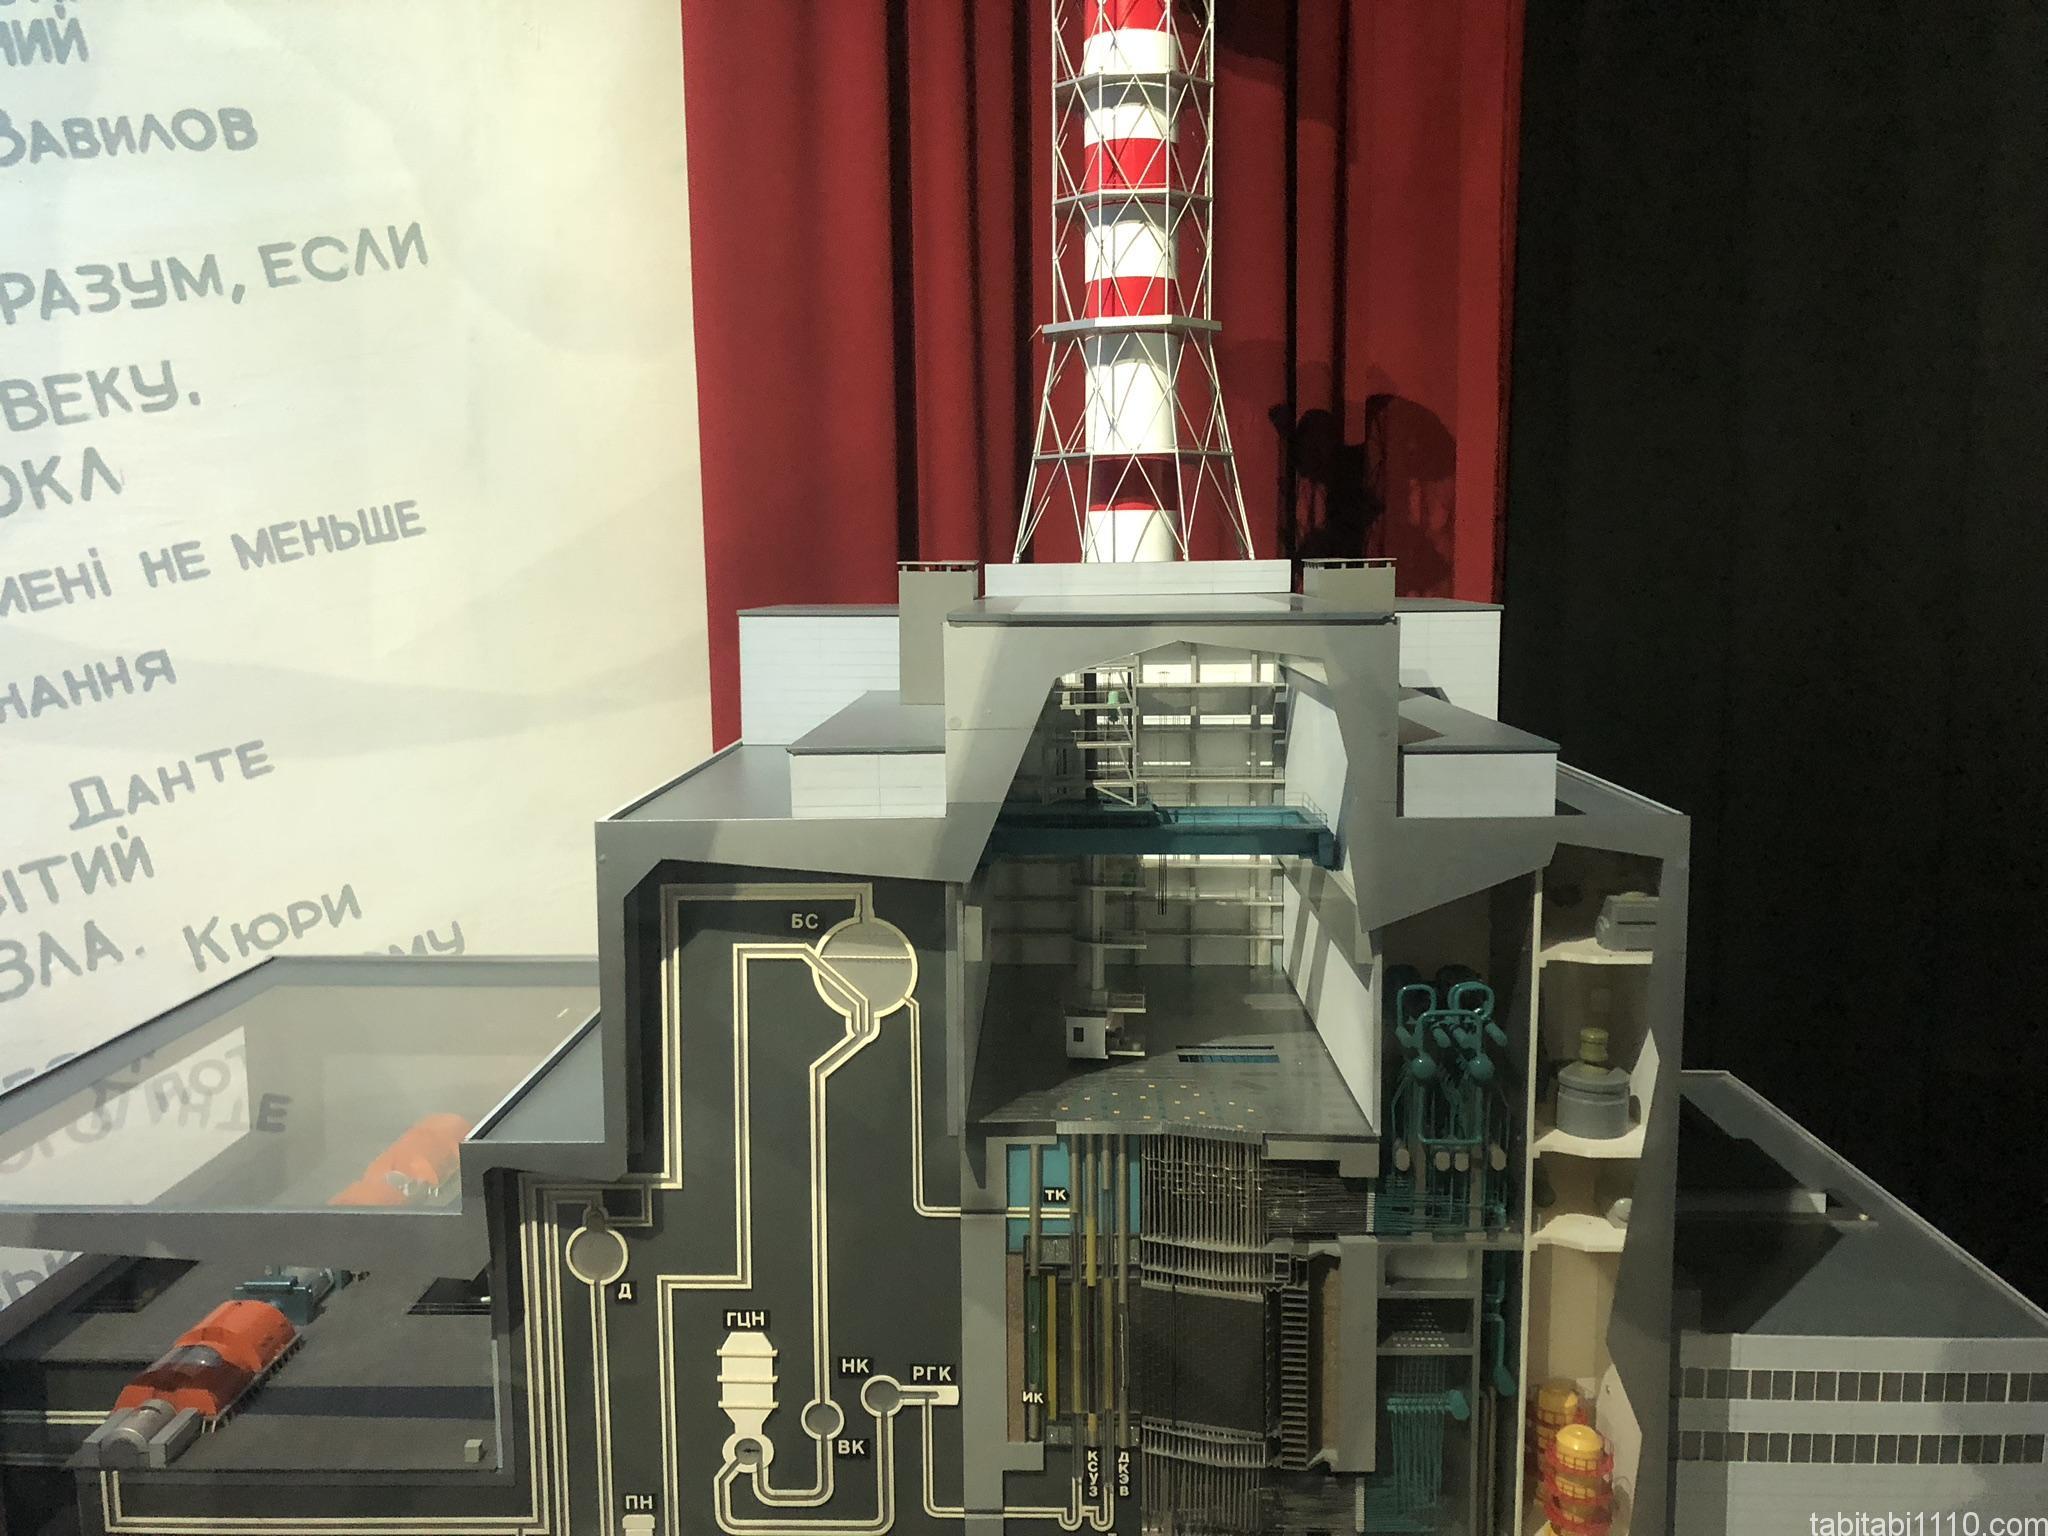 チェルノブイリ原発博物館|原発の模型